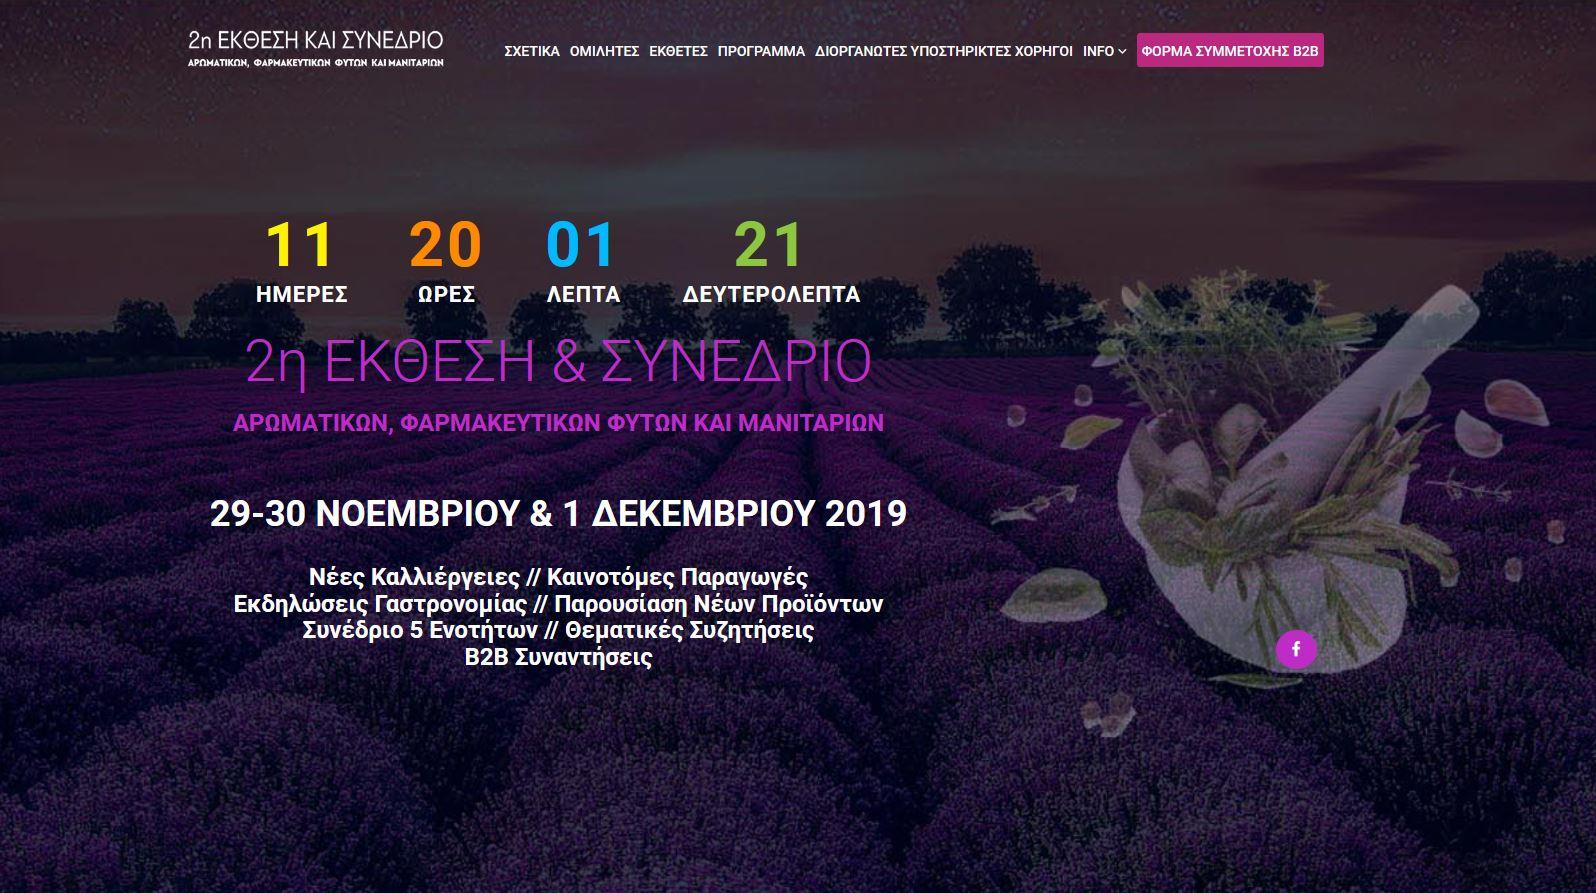 Επισκεφτείτε το site της 2ης Εκθεσης & Συνεδρίου Αρωματικών, Φαρμακευτικών φυτών & Μανιταριών που θα πραγματοποιηθεί στις 29,30/11 και 1/12 στην Κοζάνη και Δηλώστε Συμμετοχή στο Β2Β επιλέγοντας από την λίστα Εκθετών και συμπληρώνοντας την Φόρμα Συμμετοχής!